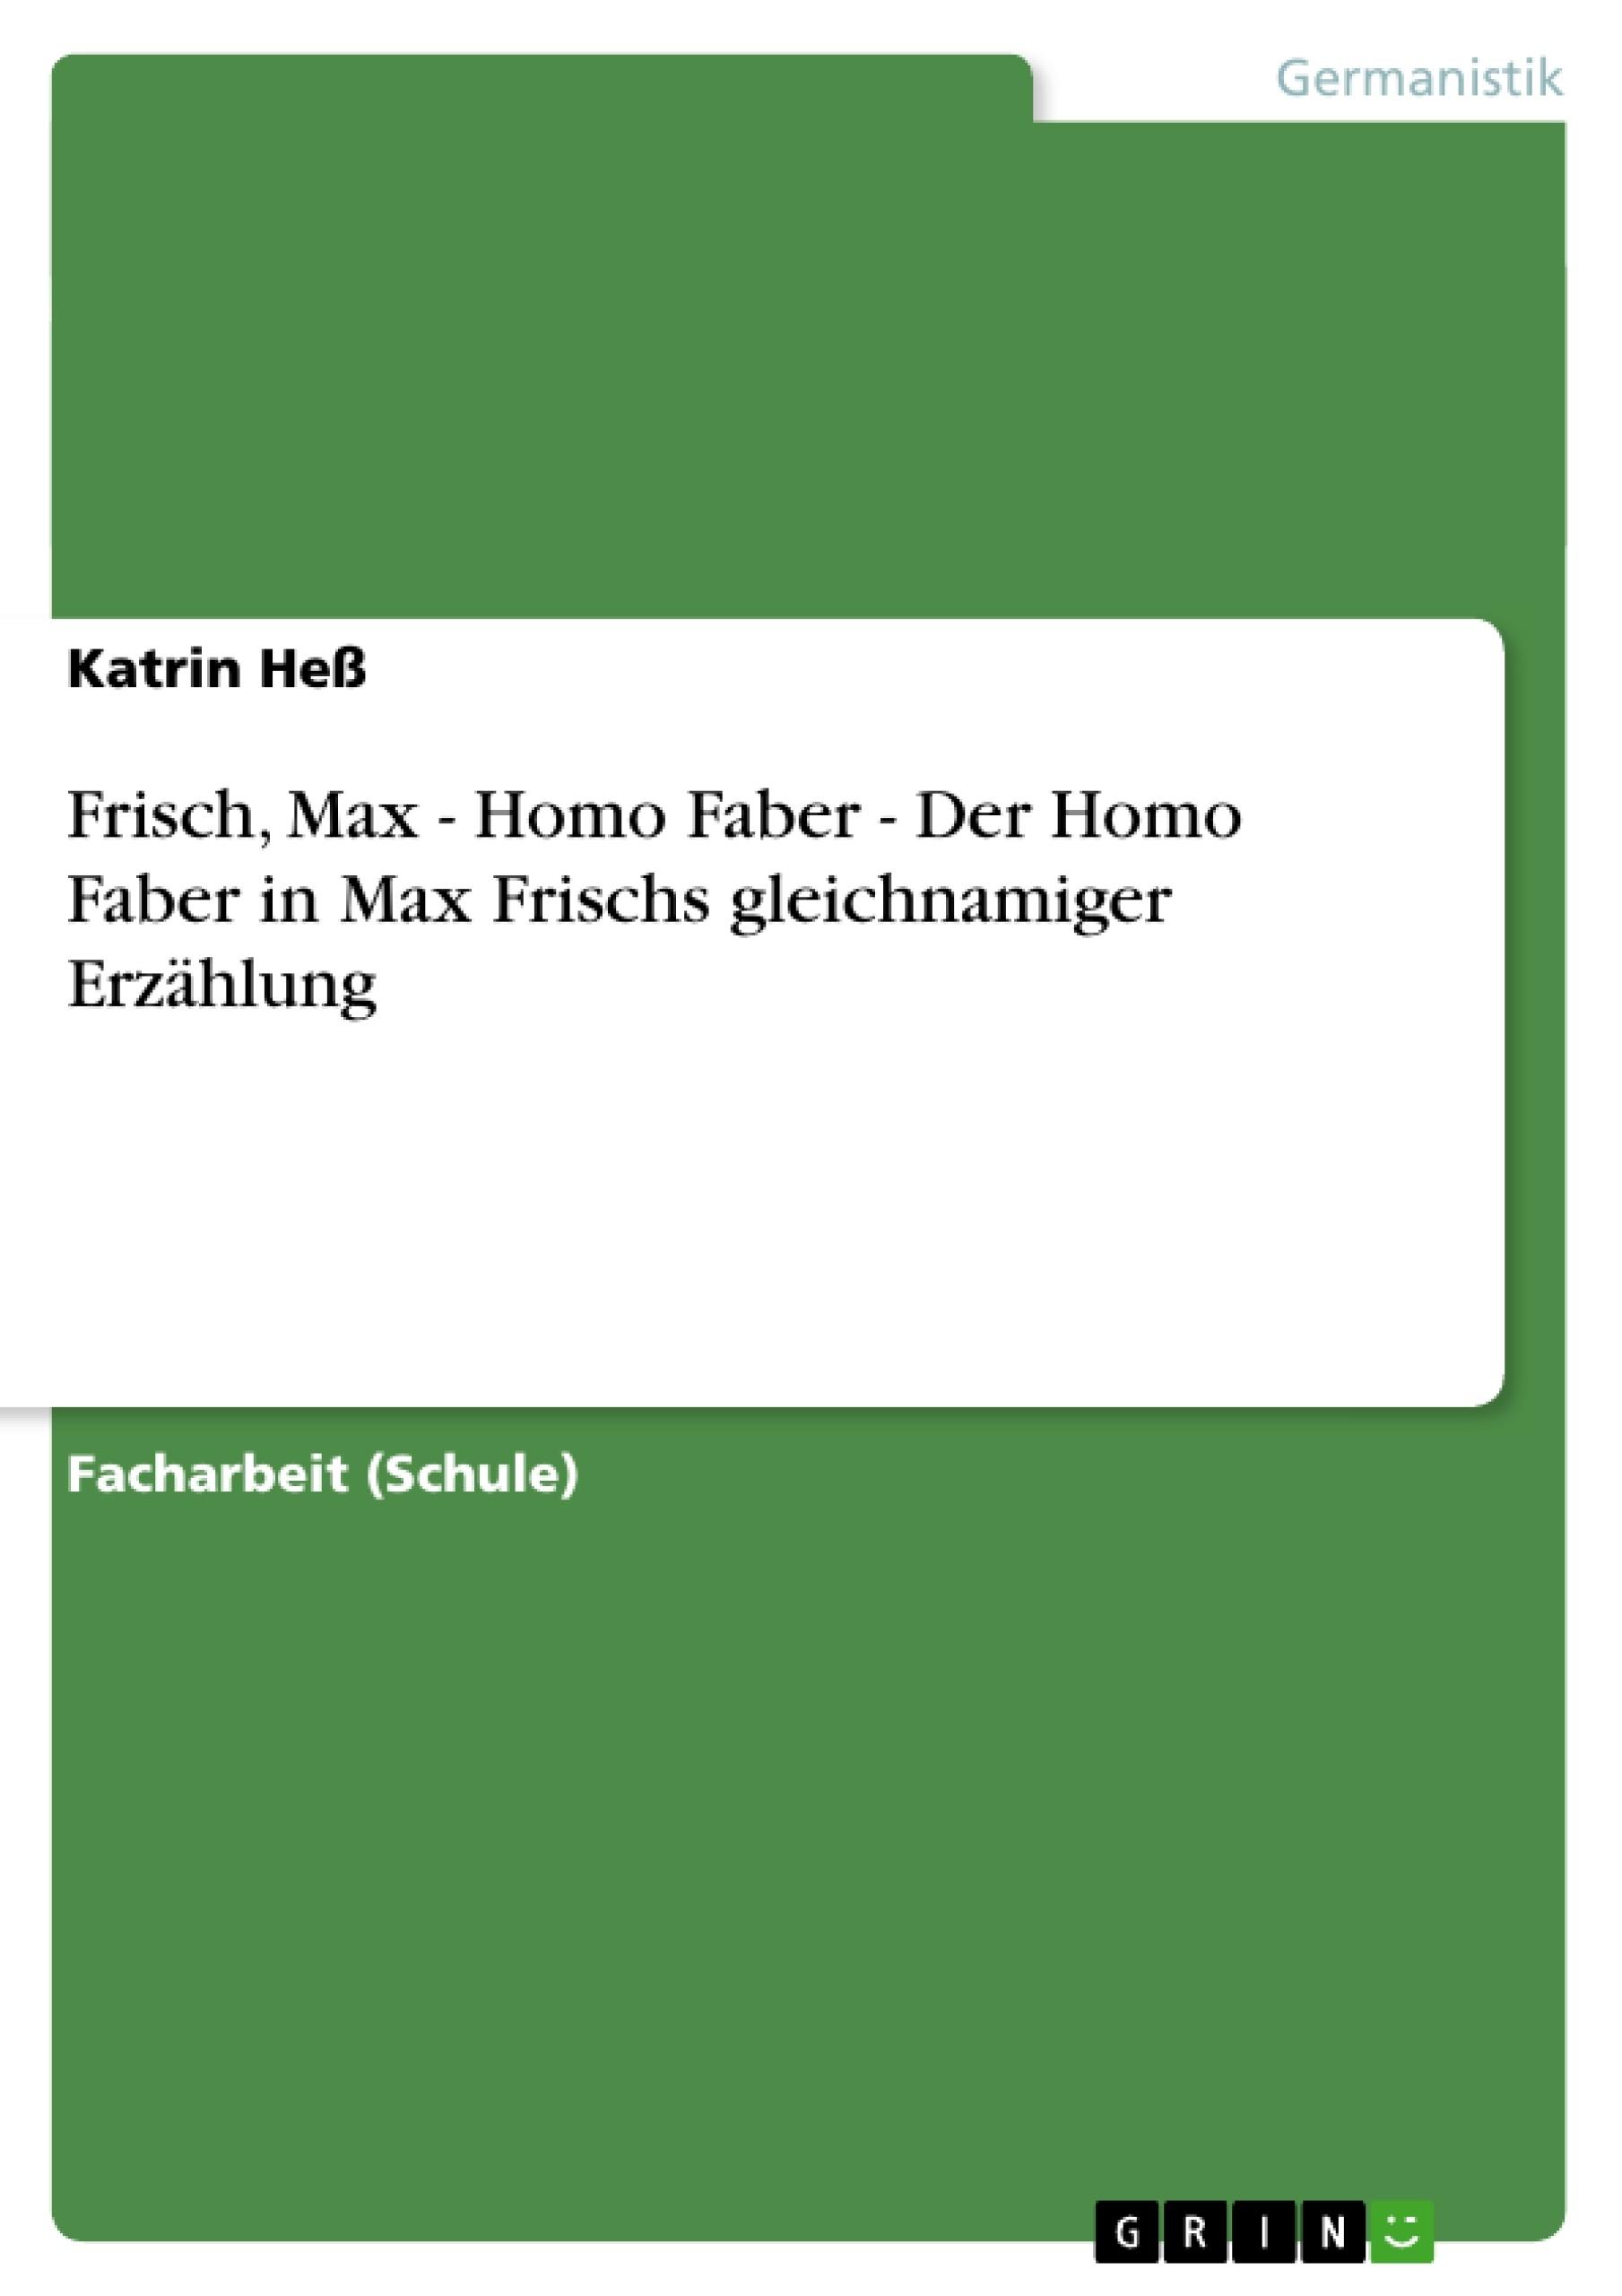 Titel: Frisch, Max - Homo Faber - Der Homo Faber in Max Frischs gleichnamiger Erzählung